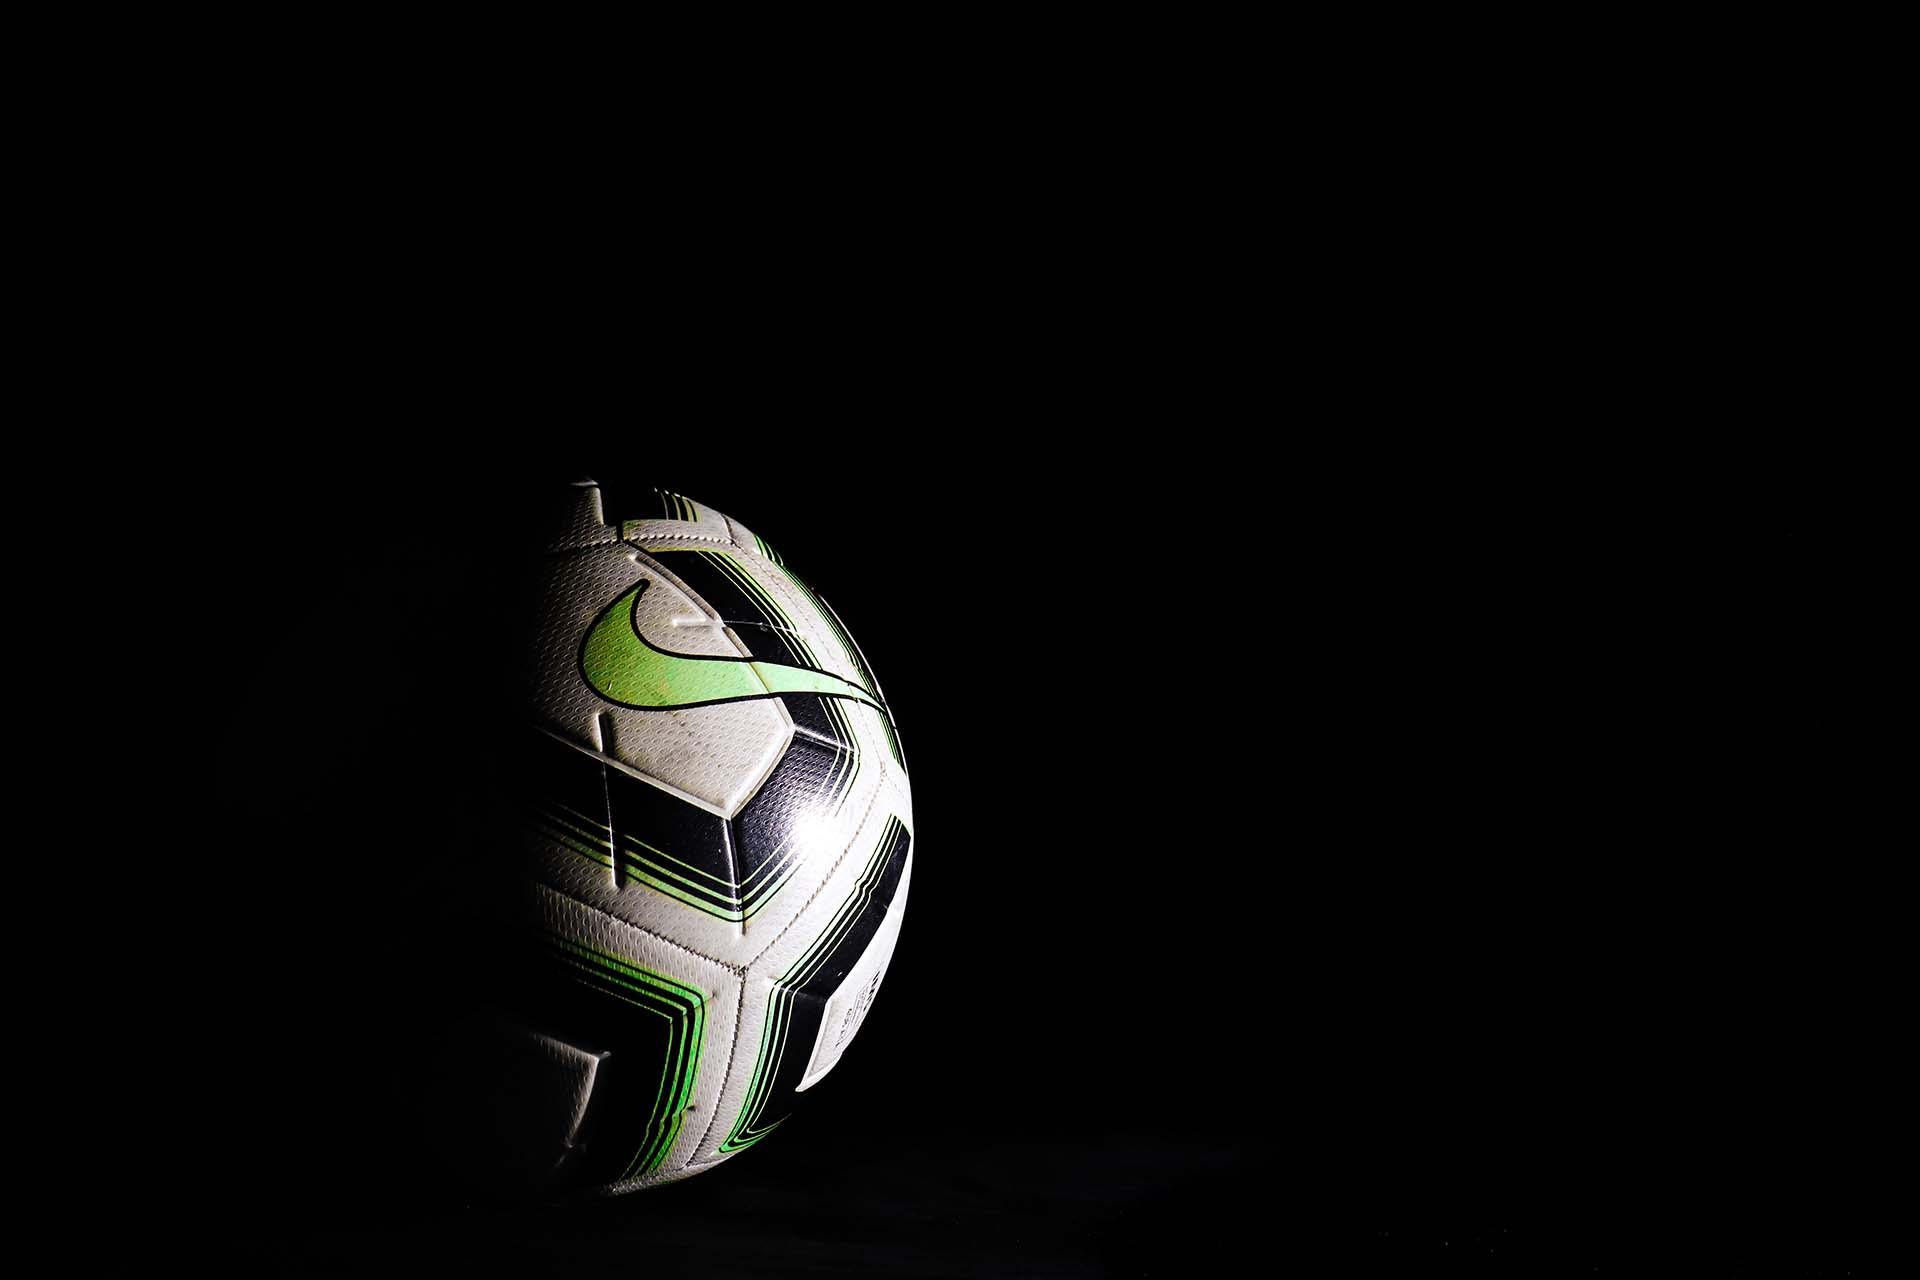 t2informatik Blog: Die Sportmetapher als Motivator